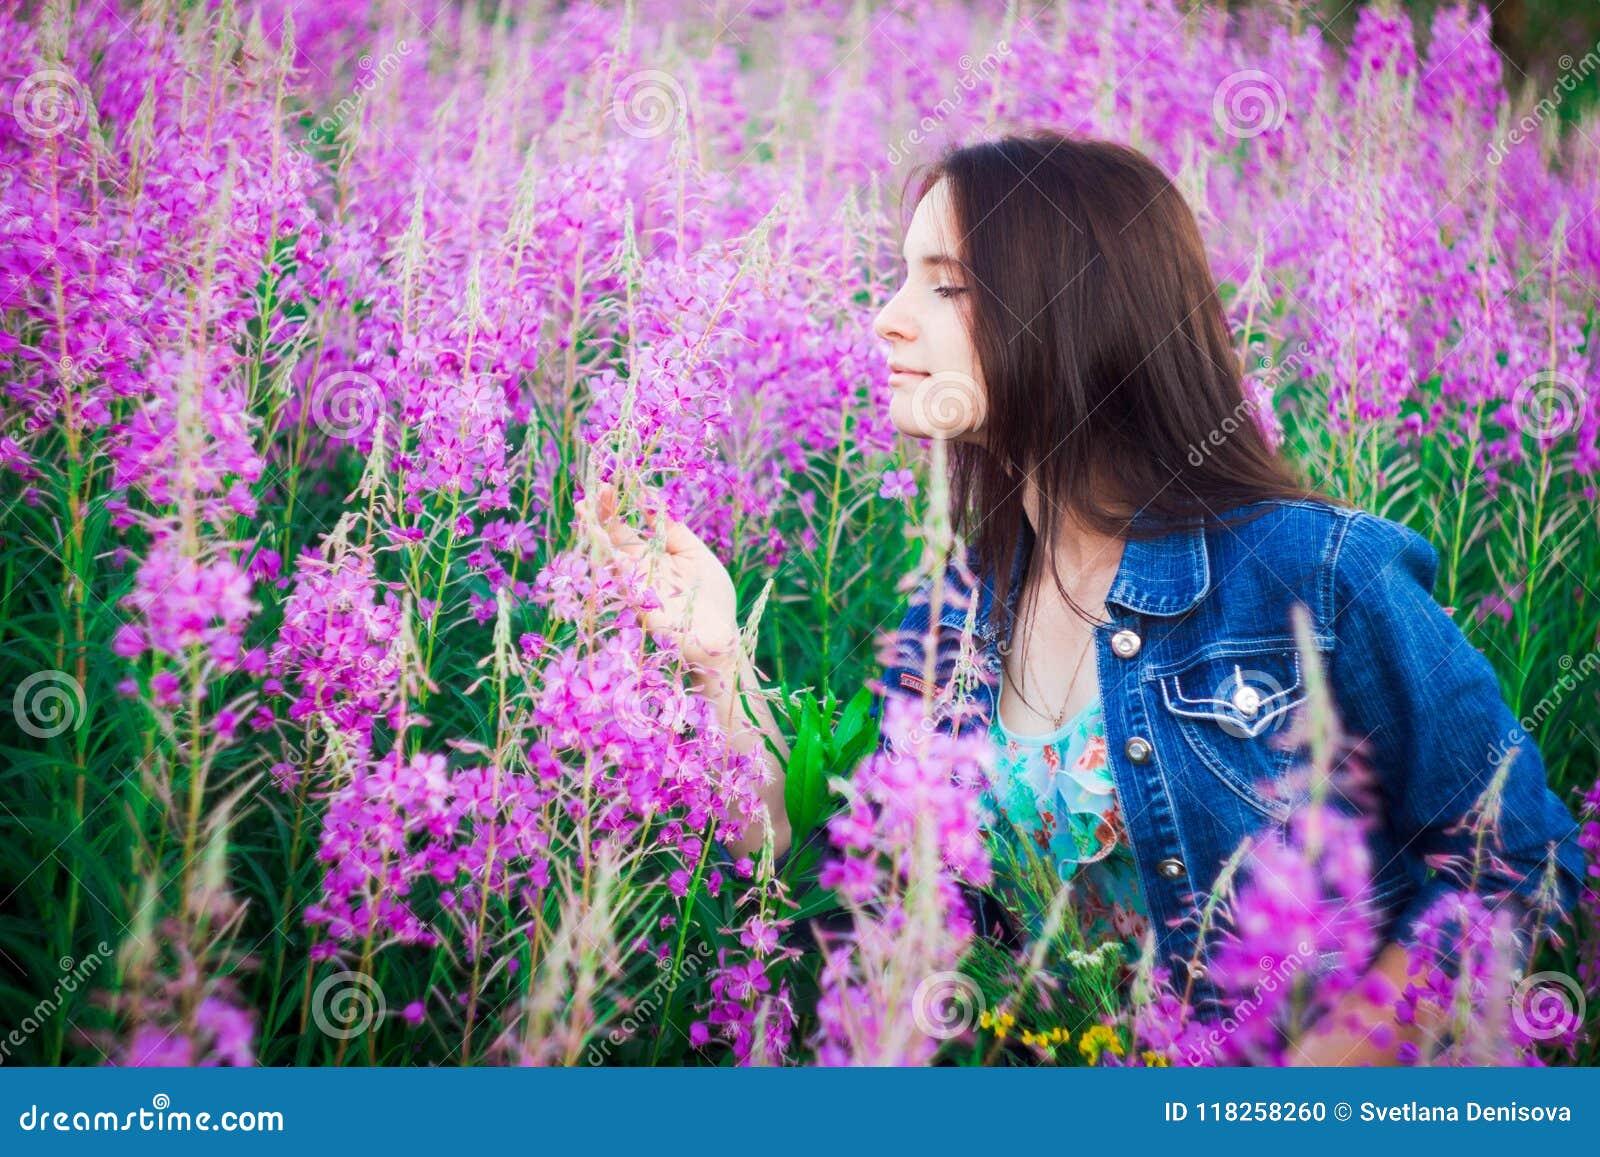 Dziewczyna patrzeje kwiaty w profilu na tle purpury kwitnie łąki z uśmiechem